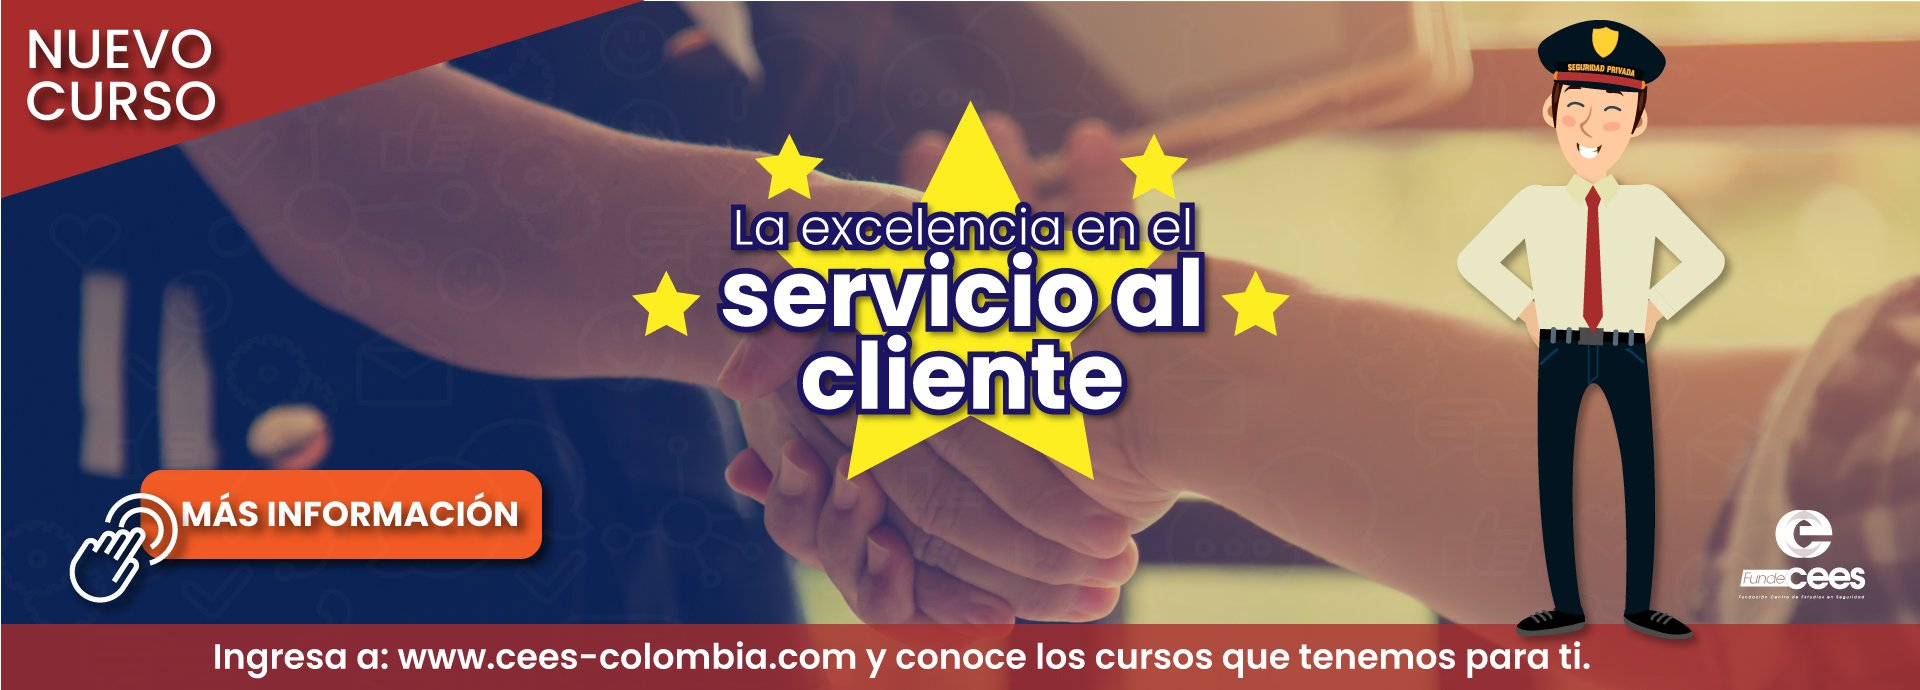 Cees-Curso-Servicio-al-cliente